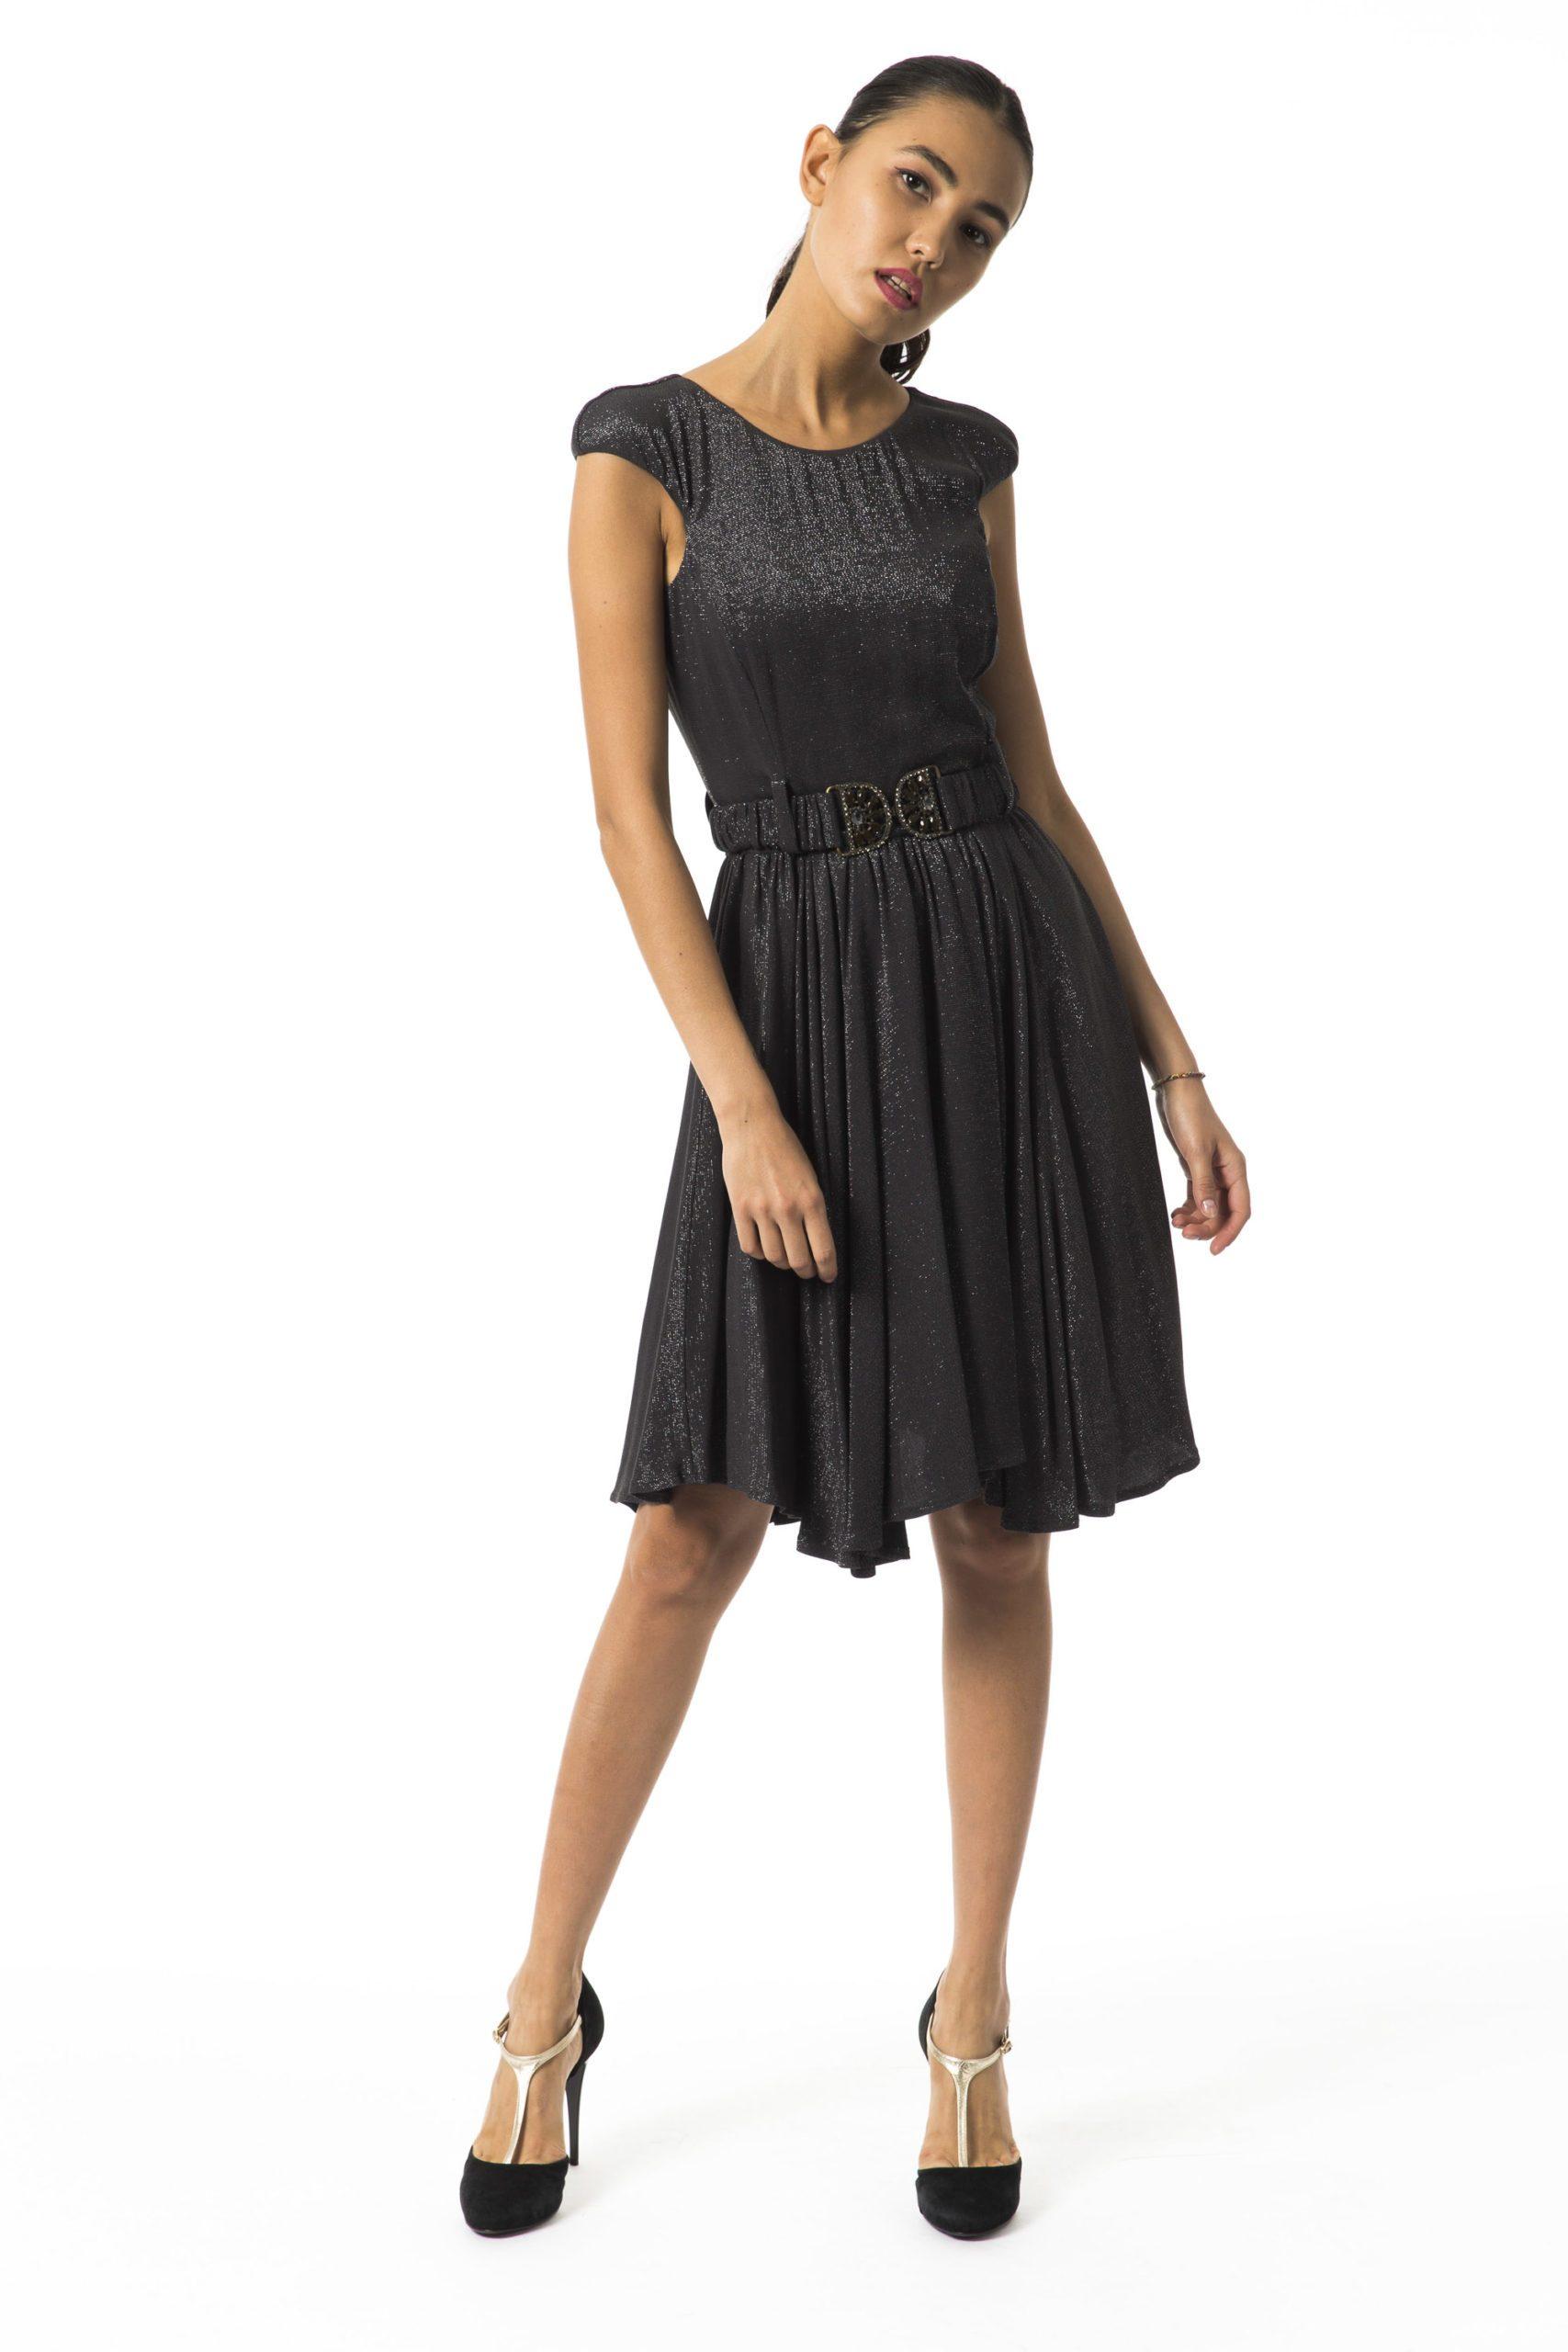 Byblos Women's Sleeveless Dress Gray BY996530 - IT44 | M